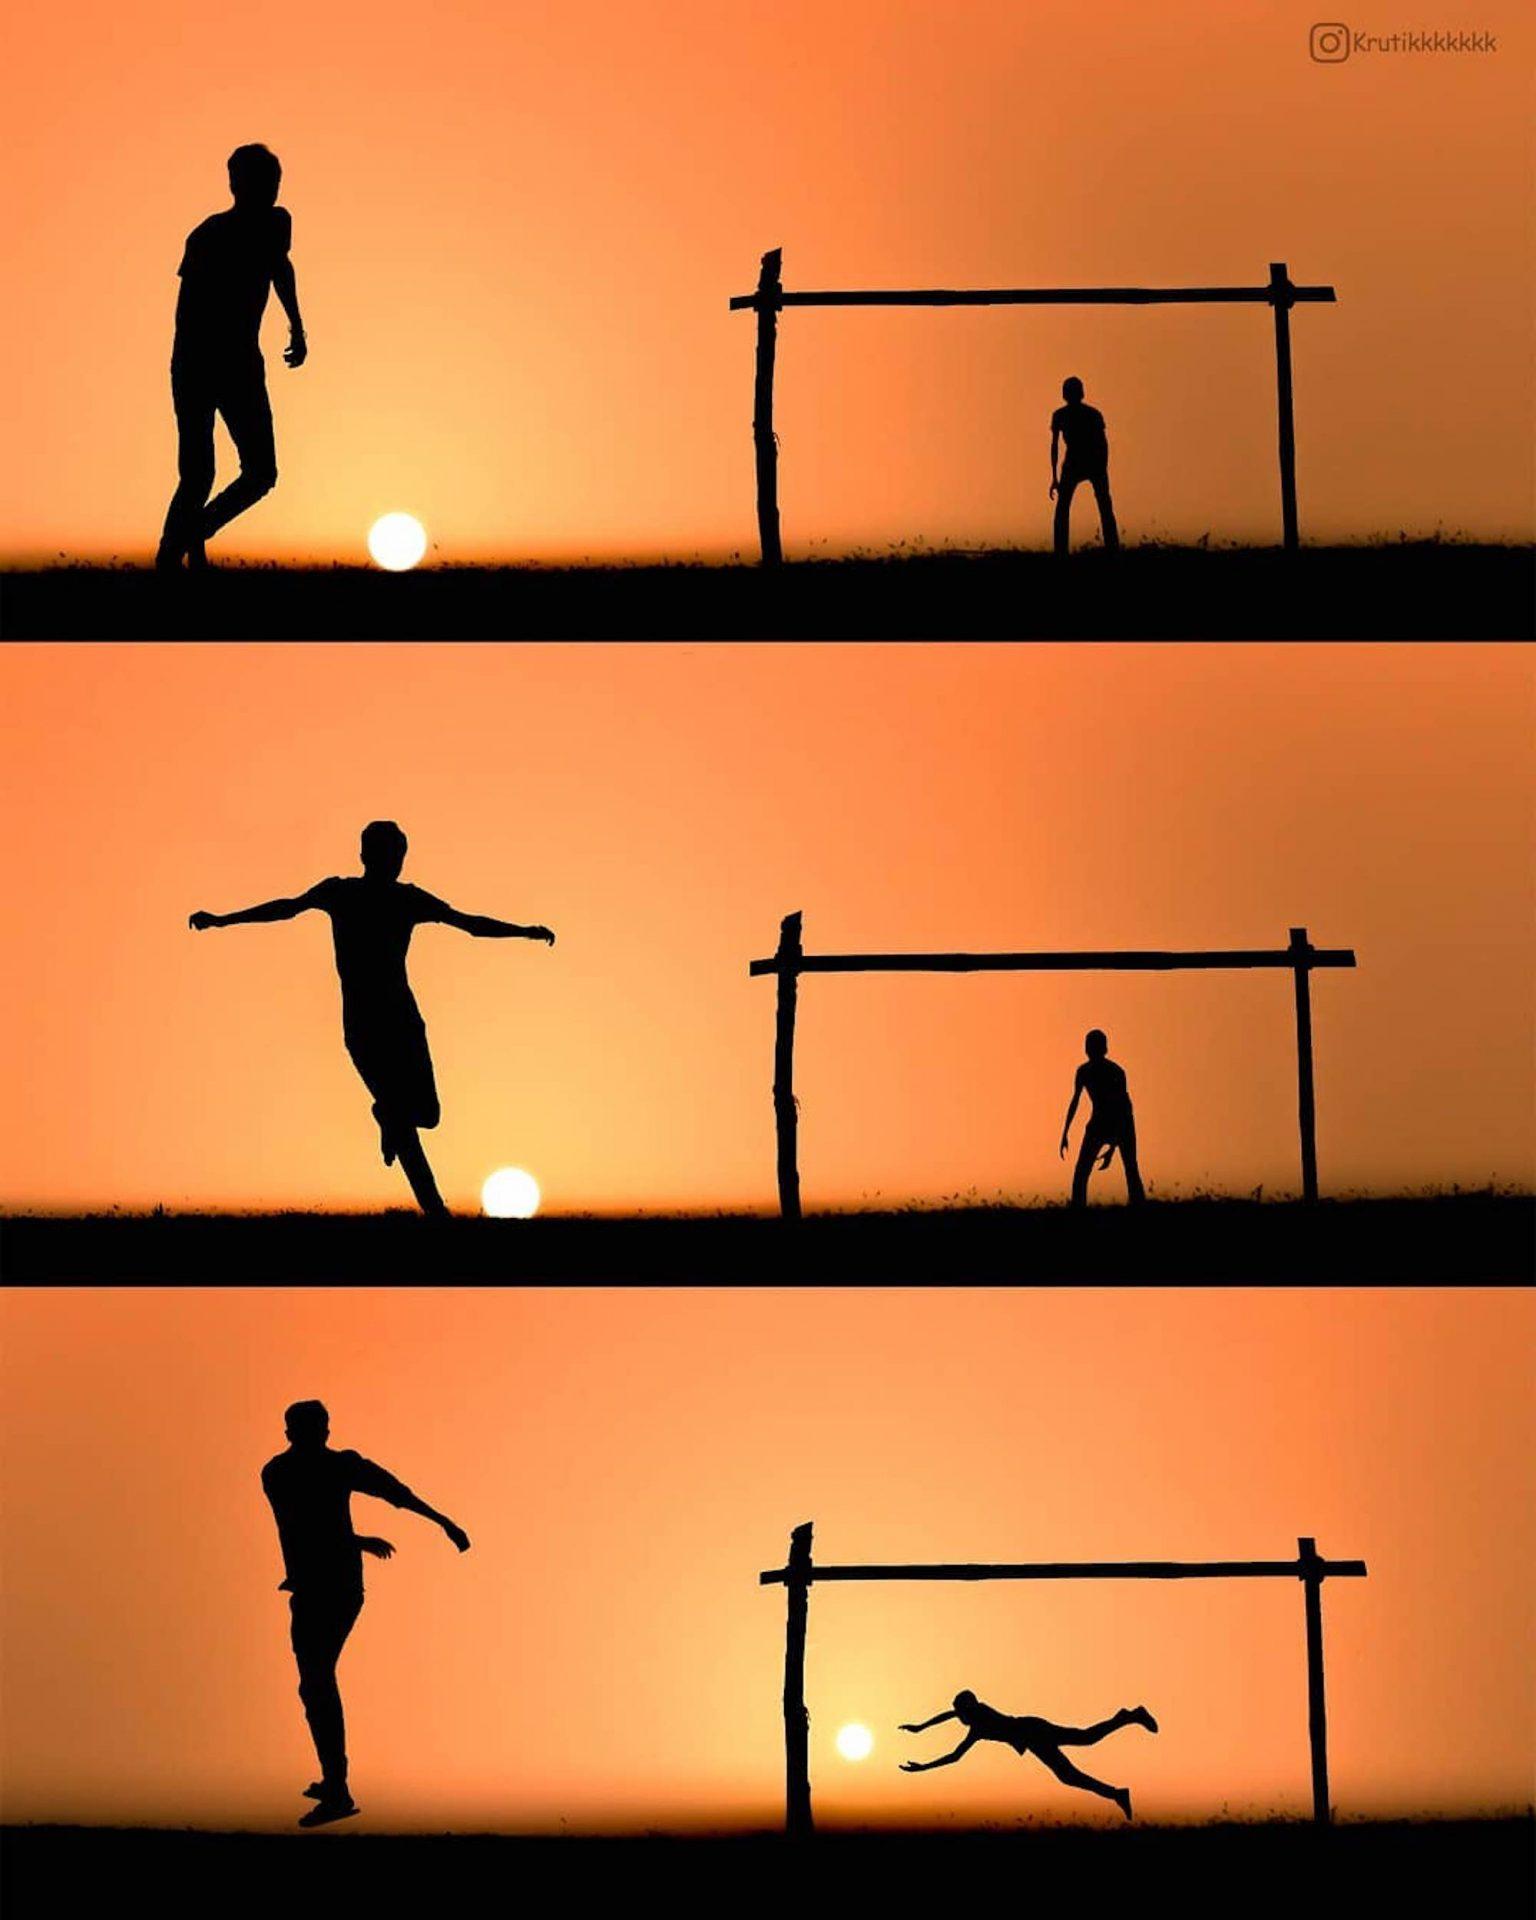 Le photographe Krutik Thakur joue avec le soleil pour créer des mises en scène originale